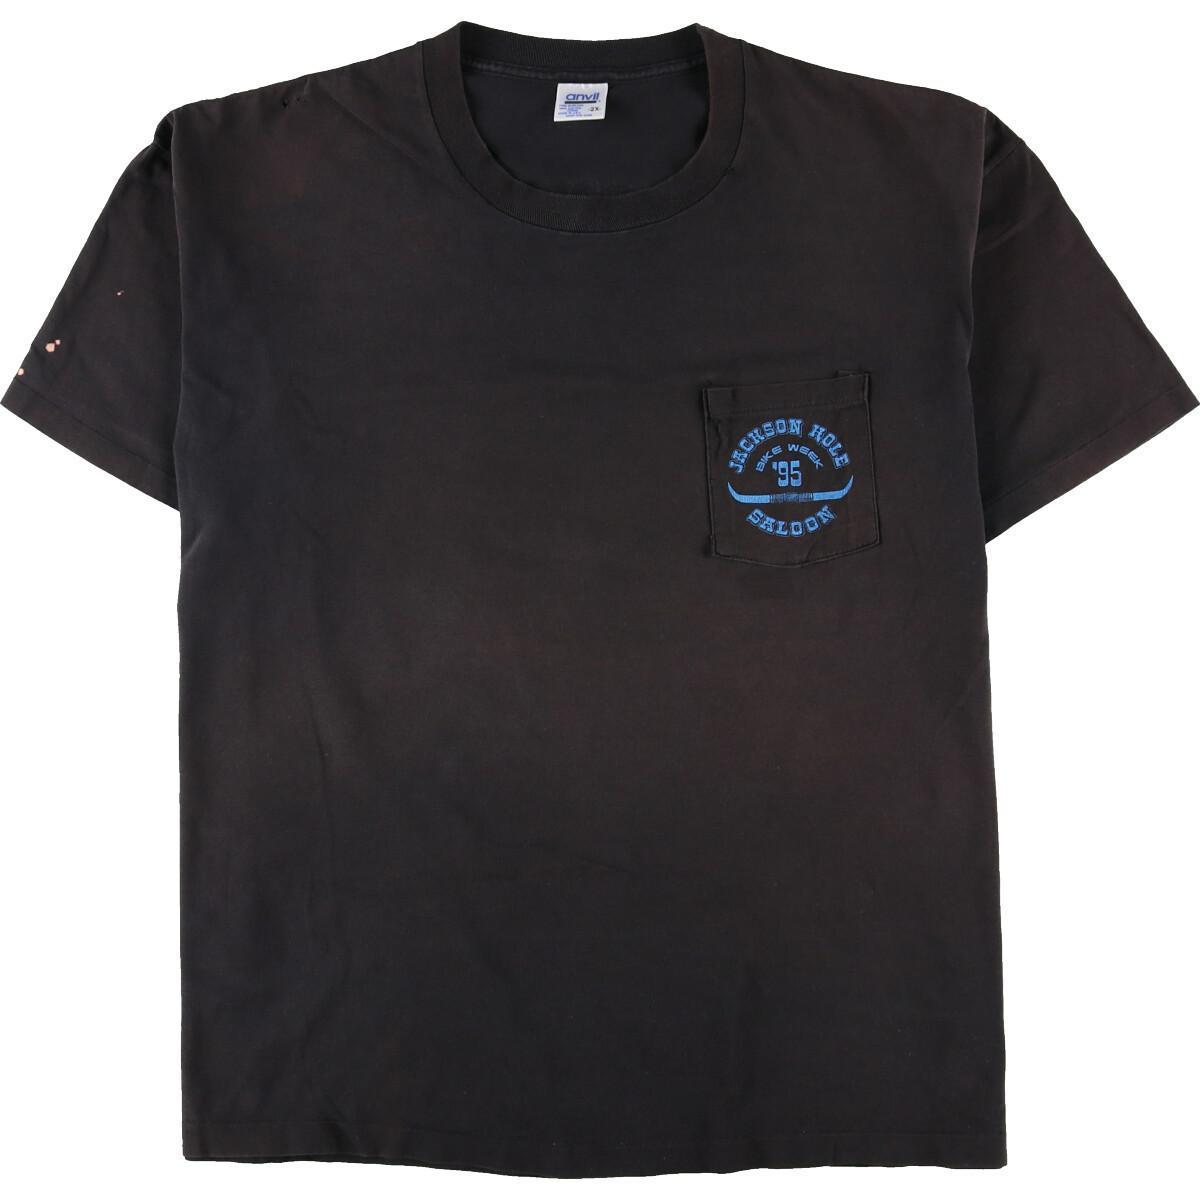 トップス, Tシャツ・カットソー 90 anvil JACKSON HOLE SALOON BIKE WEEK 95 T USA XXXL eaa108114 210325SS2106SS2109